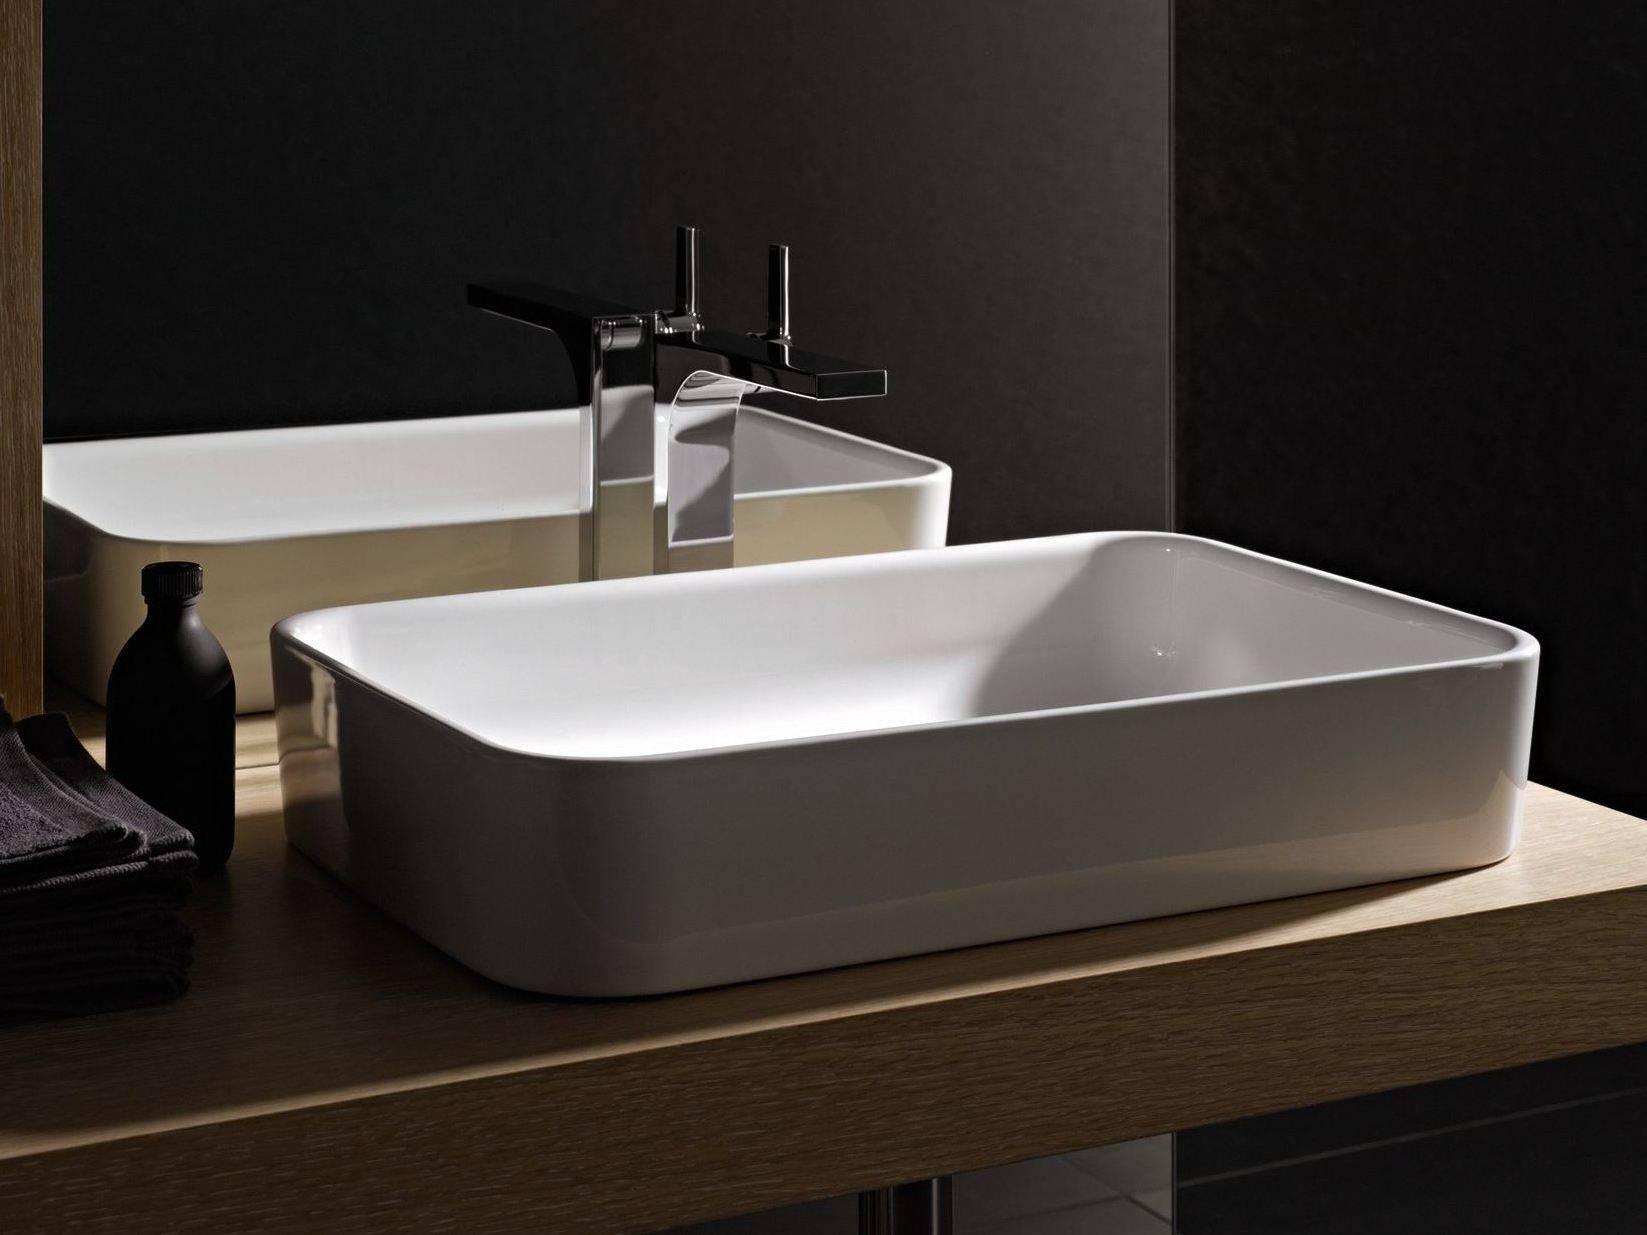 Накладная раковина (82 фото): конструкция для ванной комнаты на столешницу, изделия в форме чаши, круглый умывальник, раковина melana